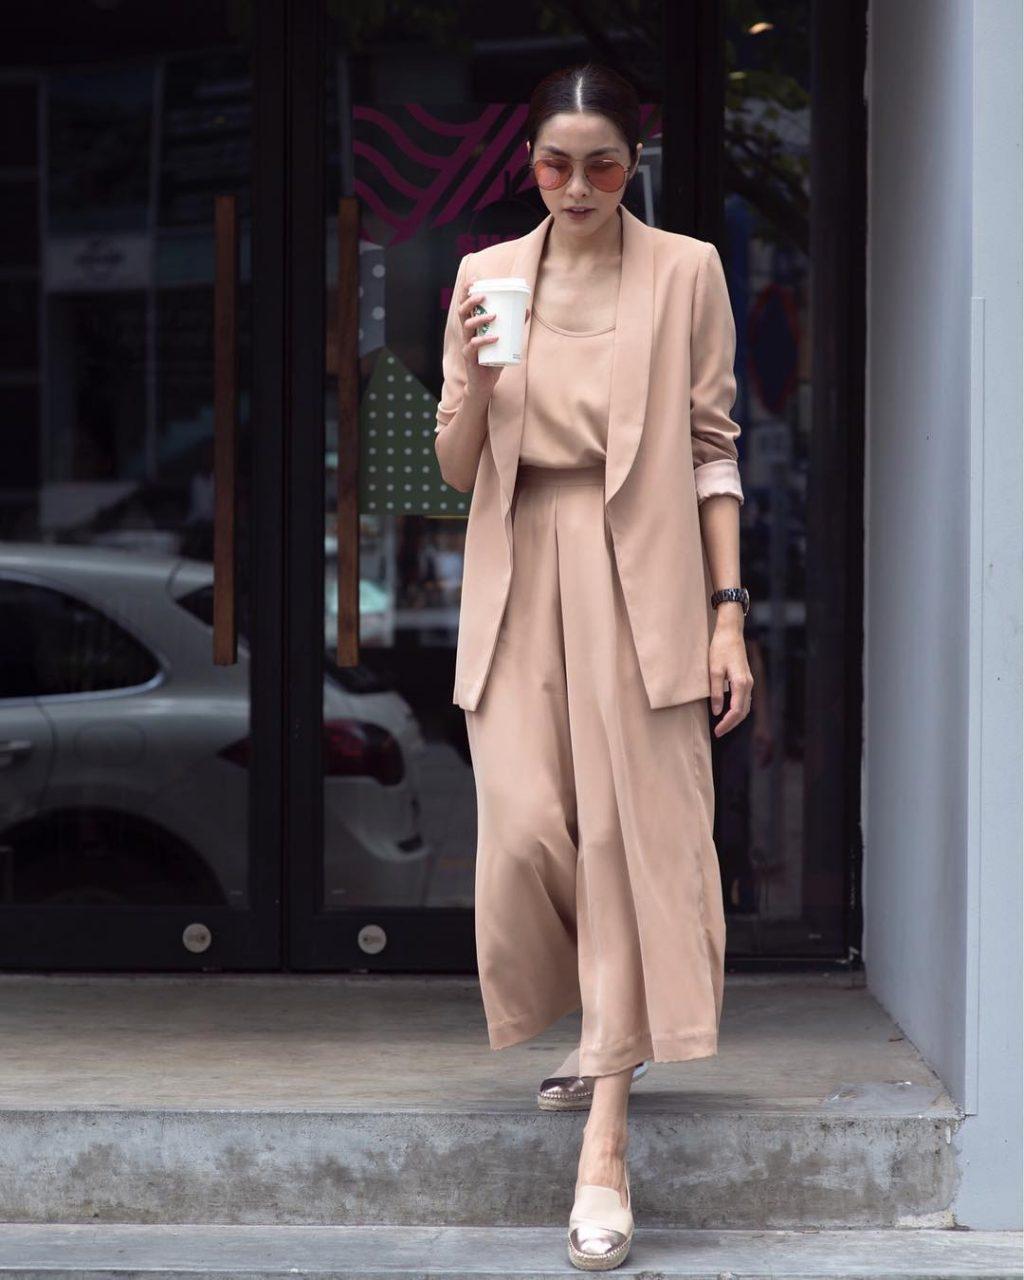 Cách phối đồ với quần culottes ngắn, chuẩn xu hướng thời trang đang hot nhất 2019  - Ảnh 16